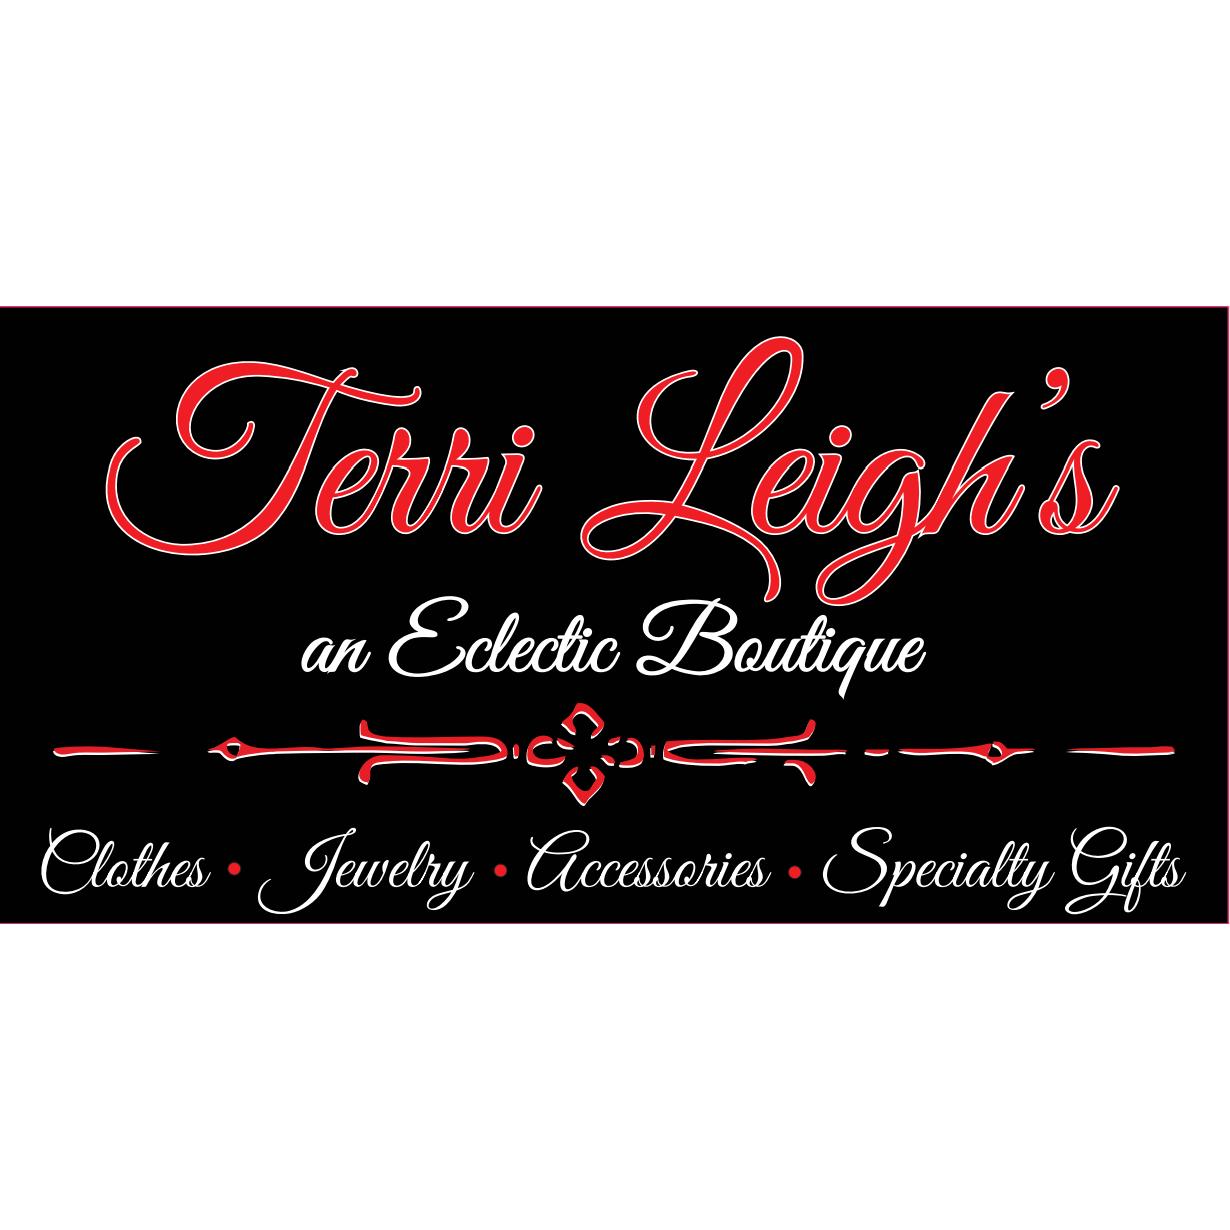 Terri Leigh's Boutique